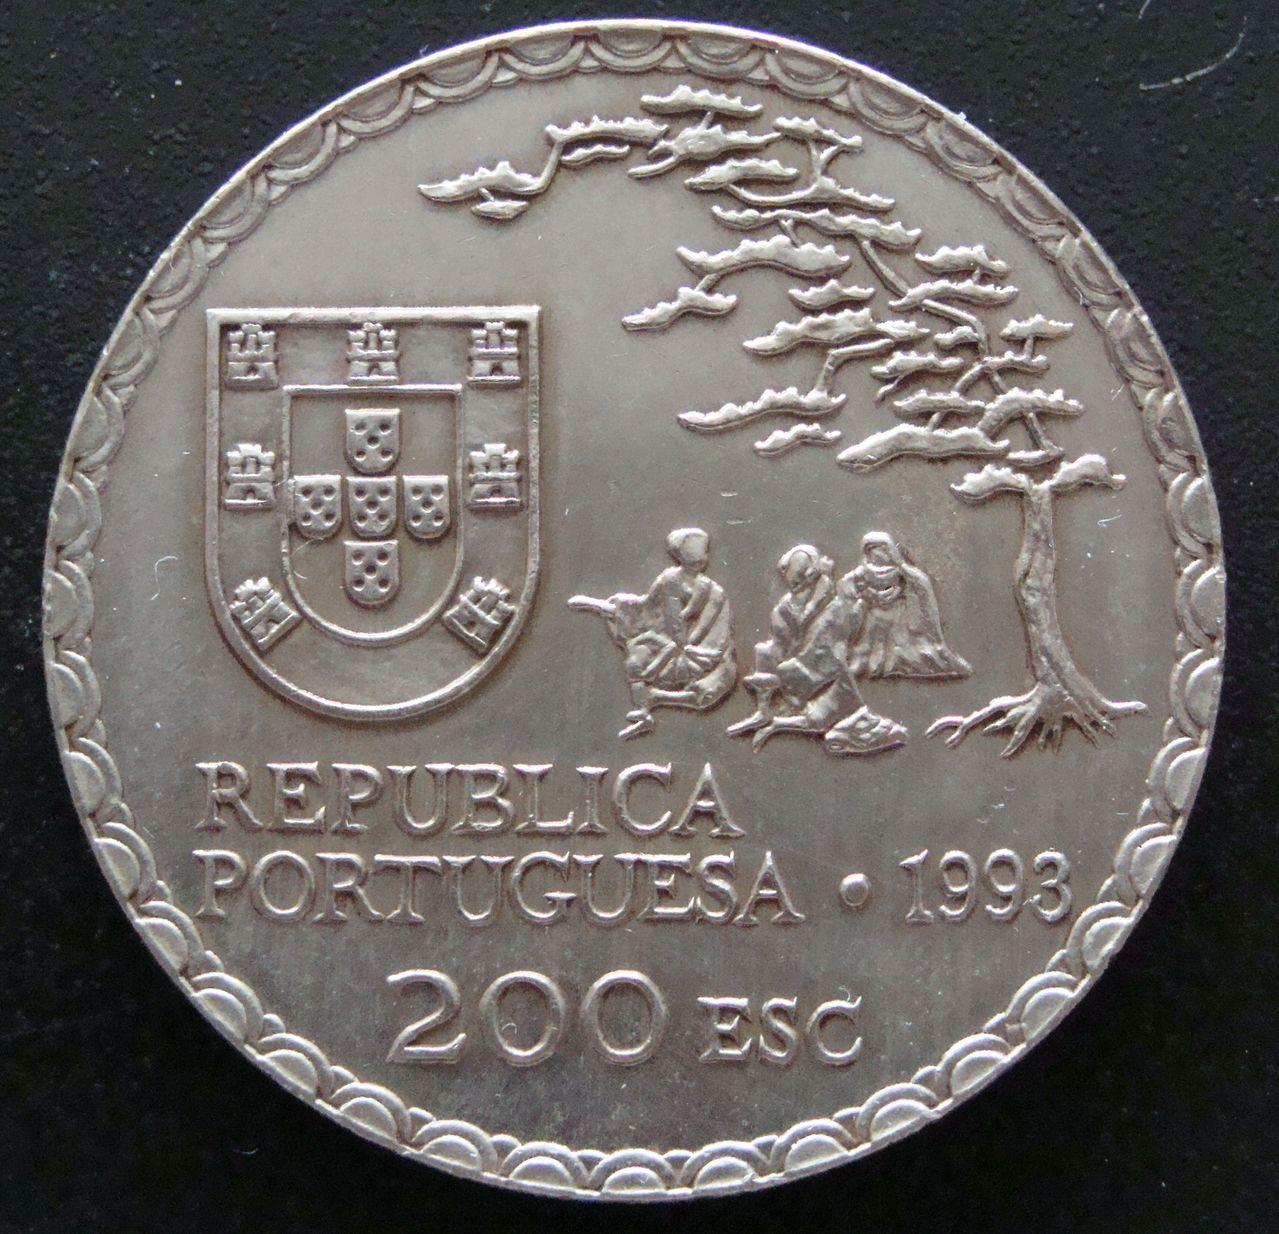 200 Escudos. Portugal (1993) Arte Namban POR_200_Escudos_arte_nambam_anv